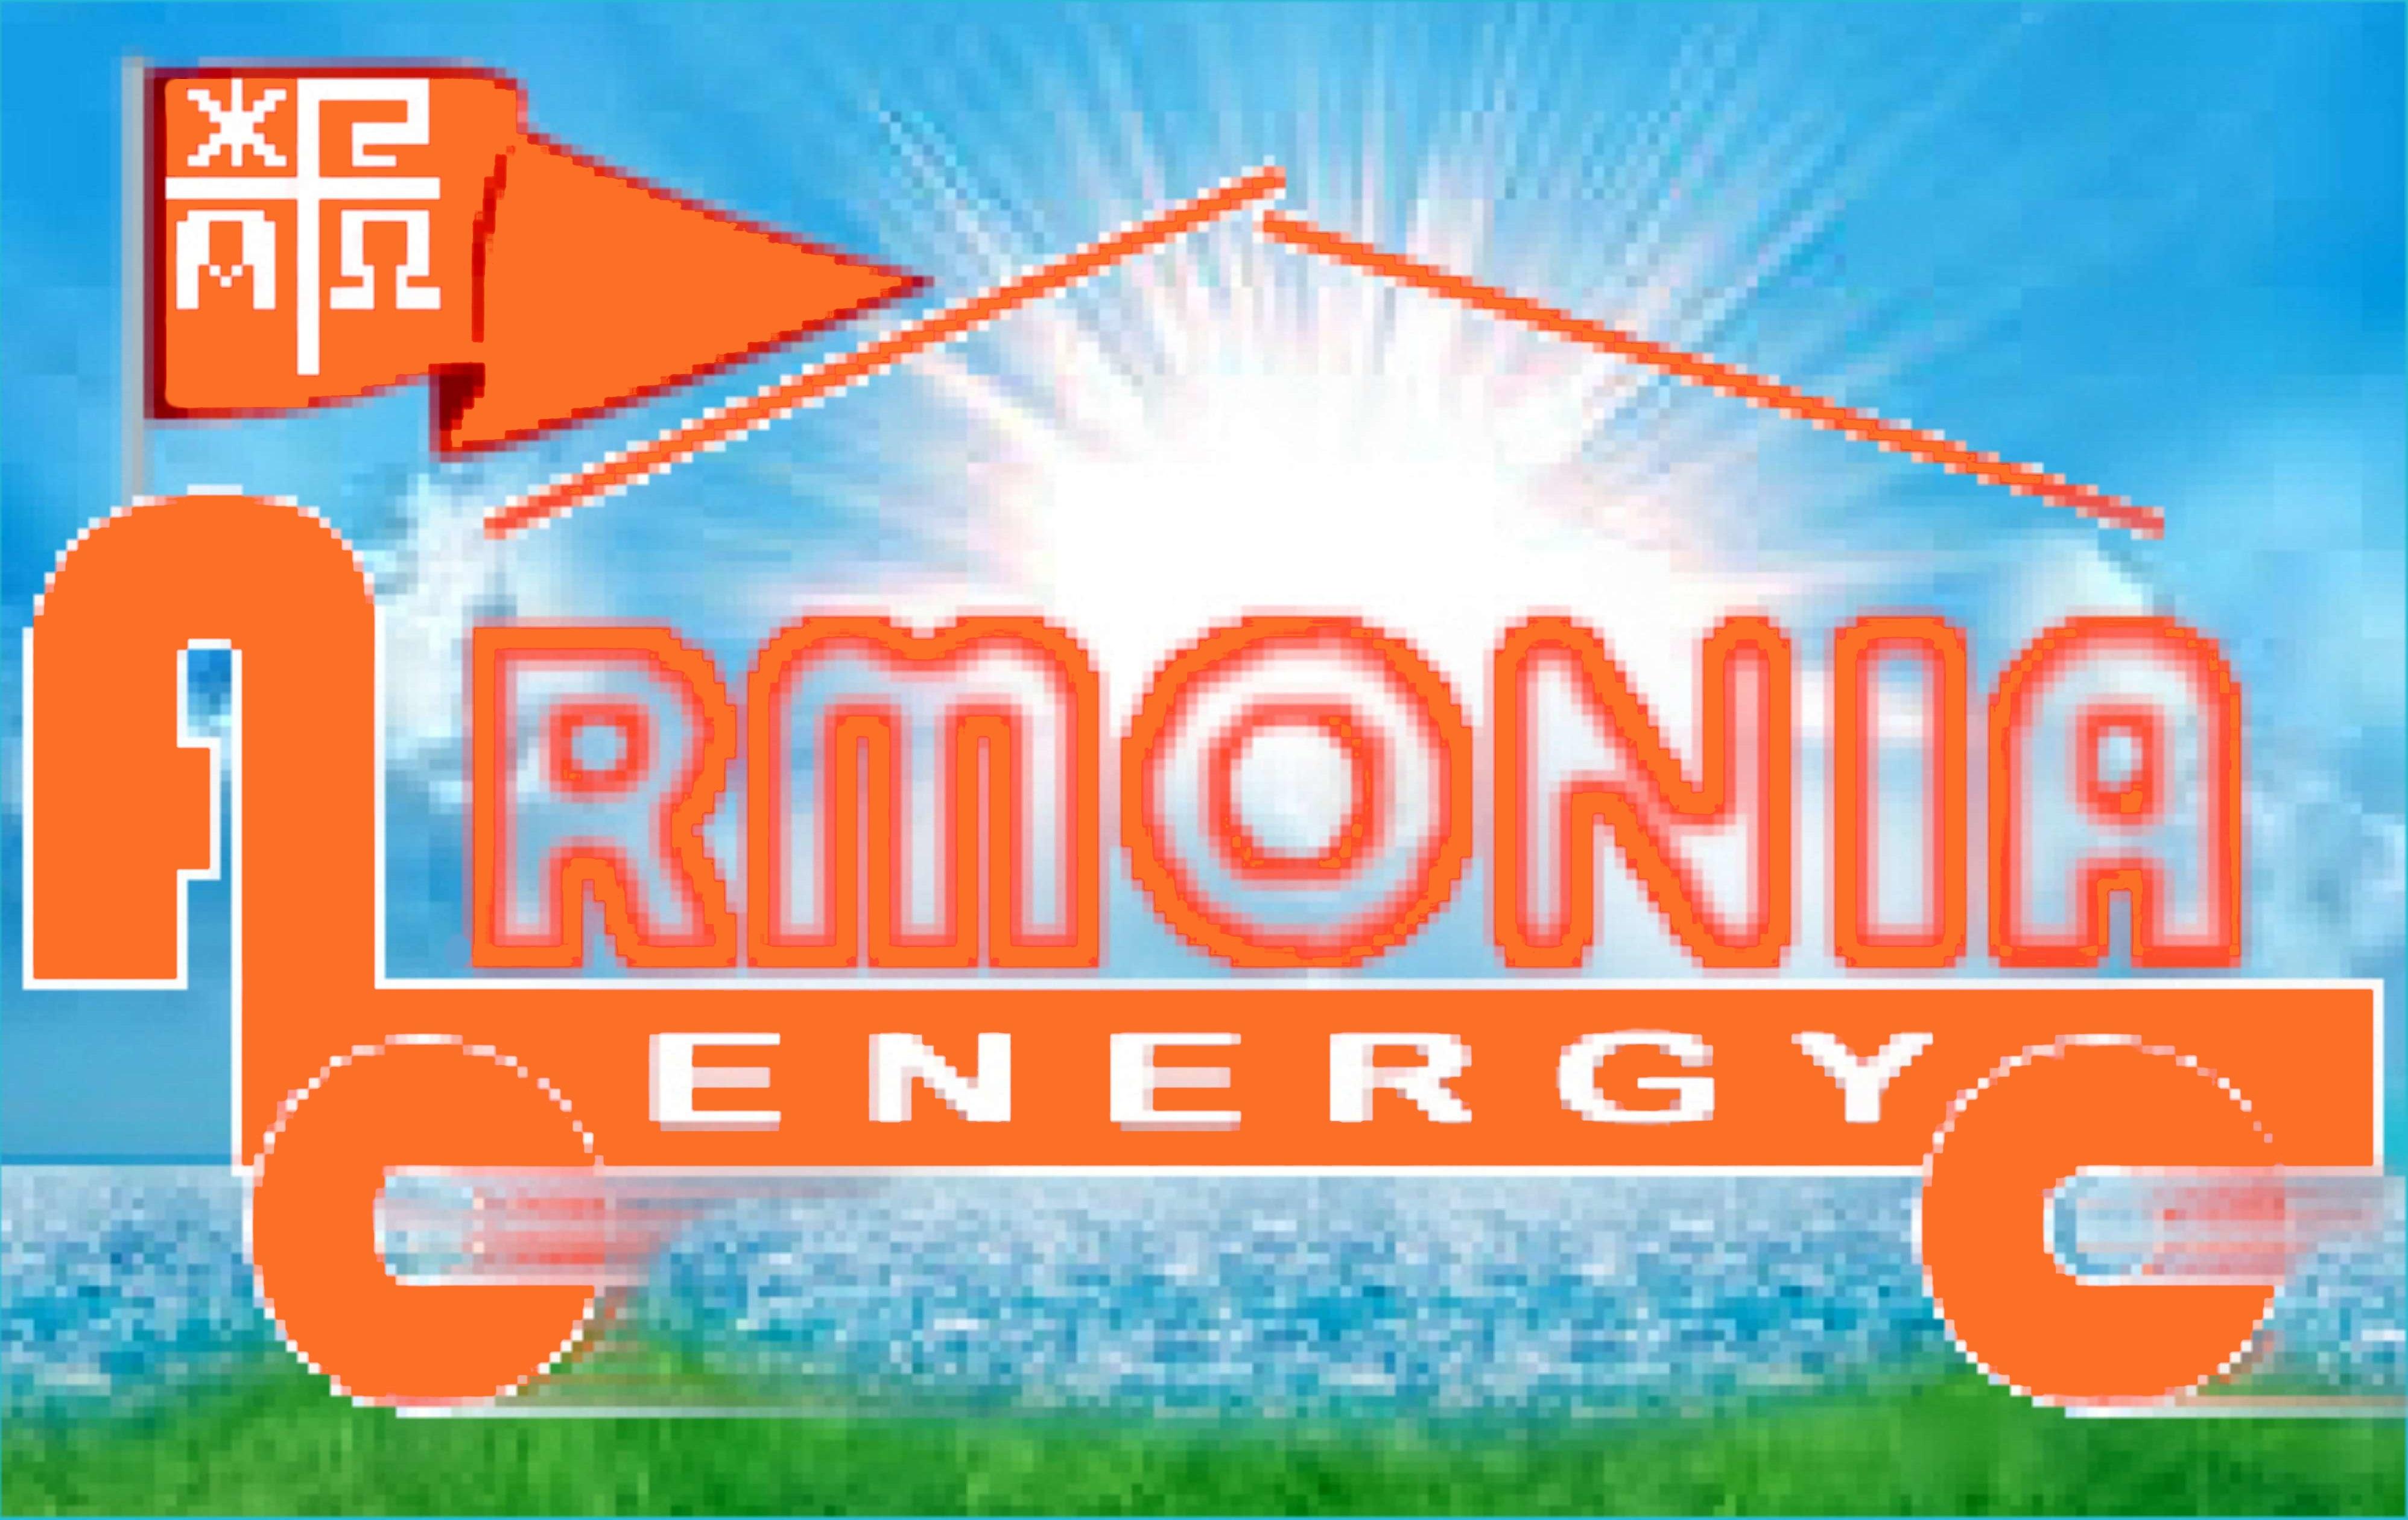 armoniaenergy.gr